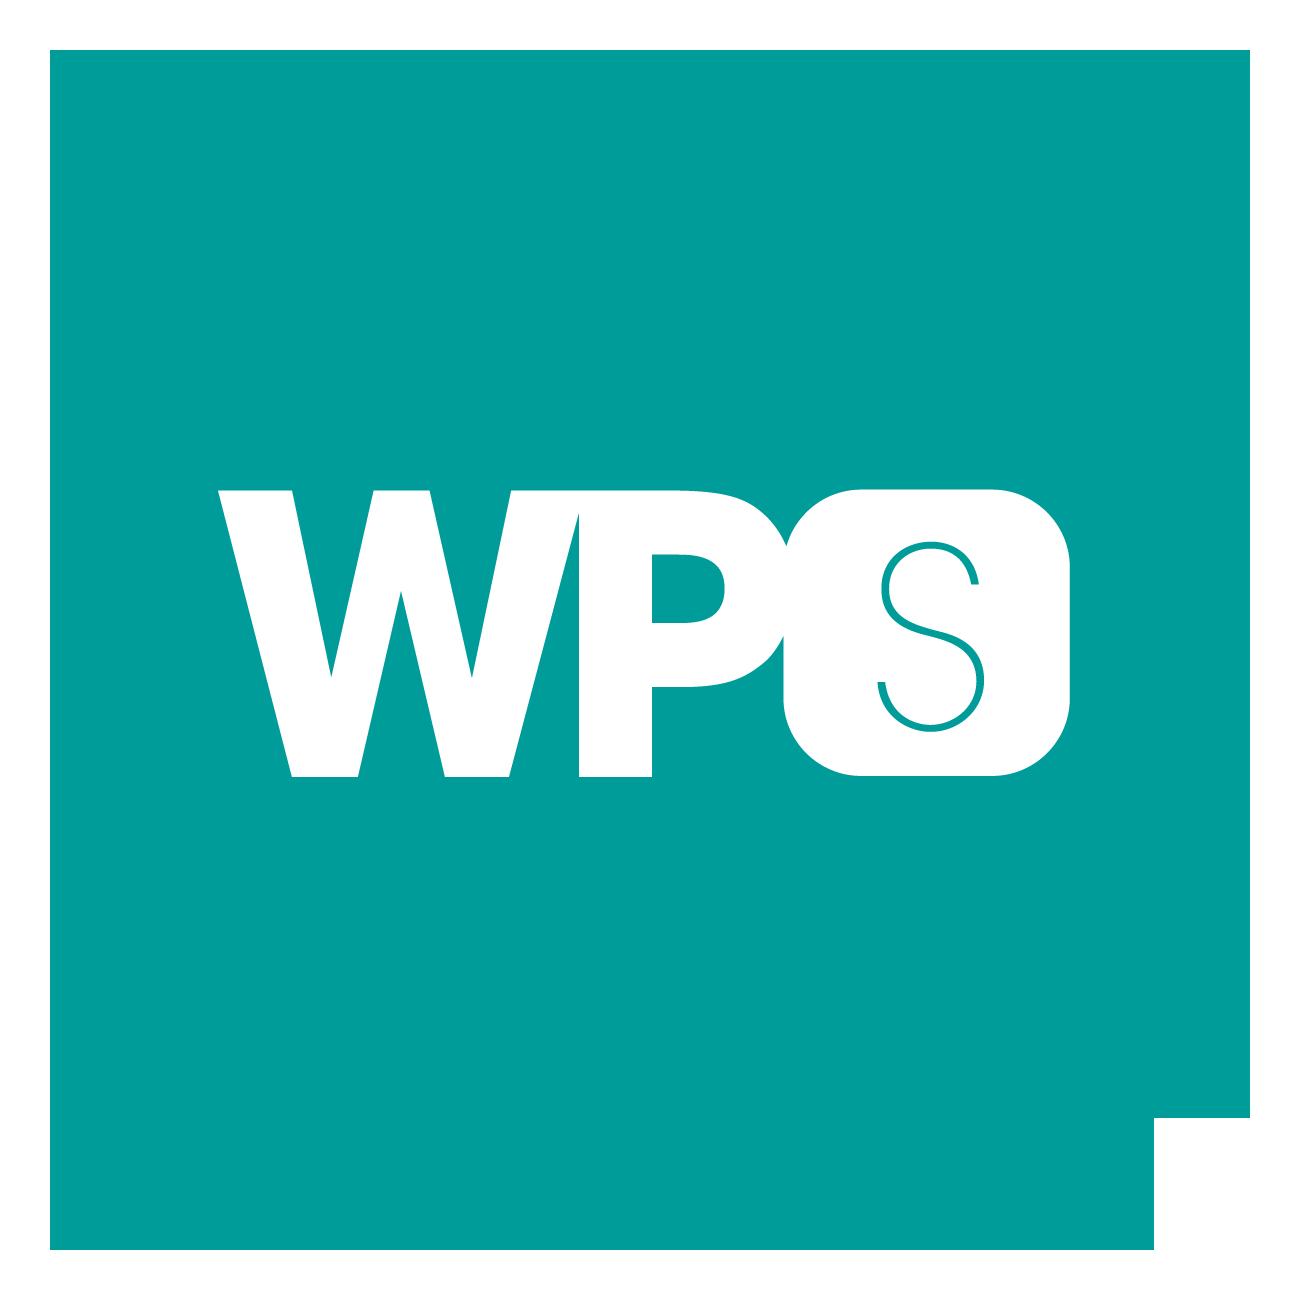 wps-logo-circle-padded-1300x1300